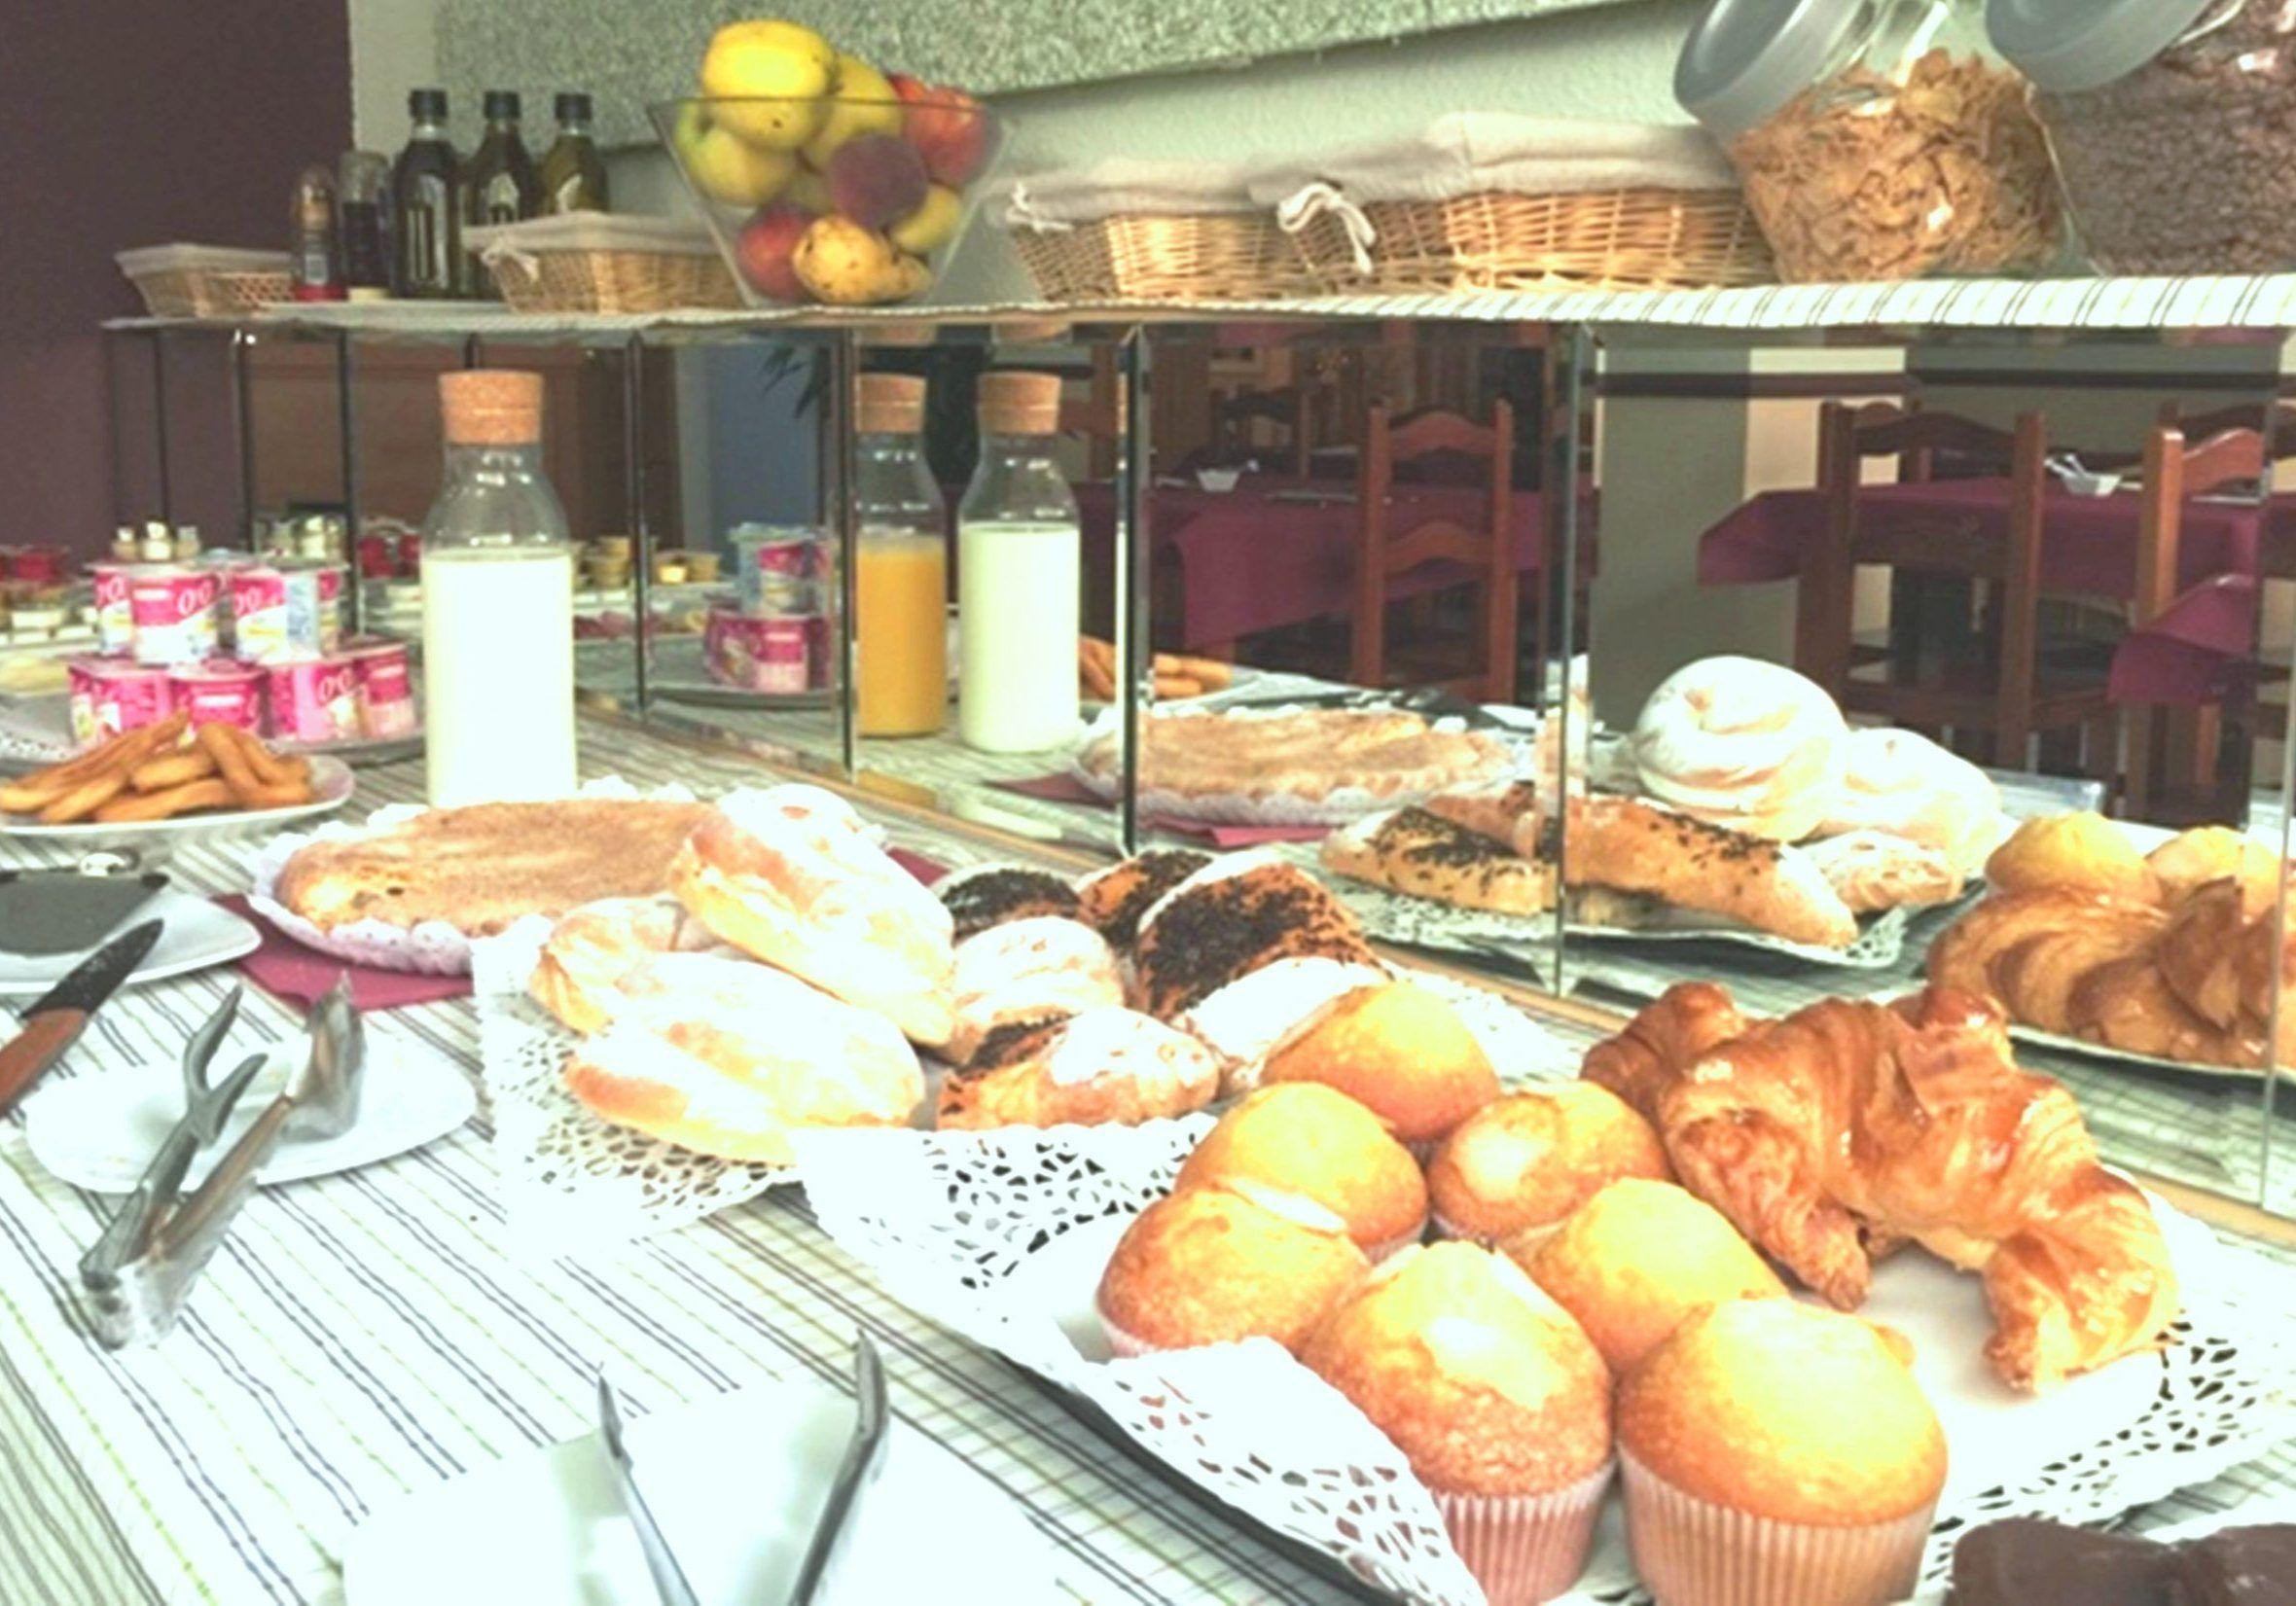 Desayuno buffet casero 100%